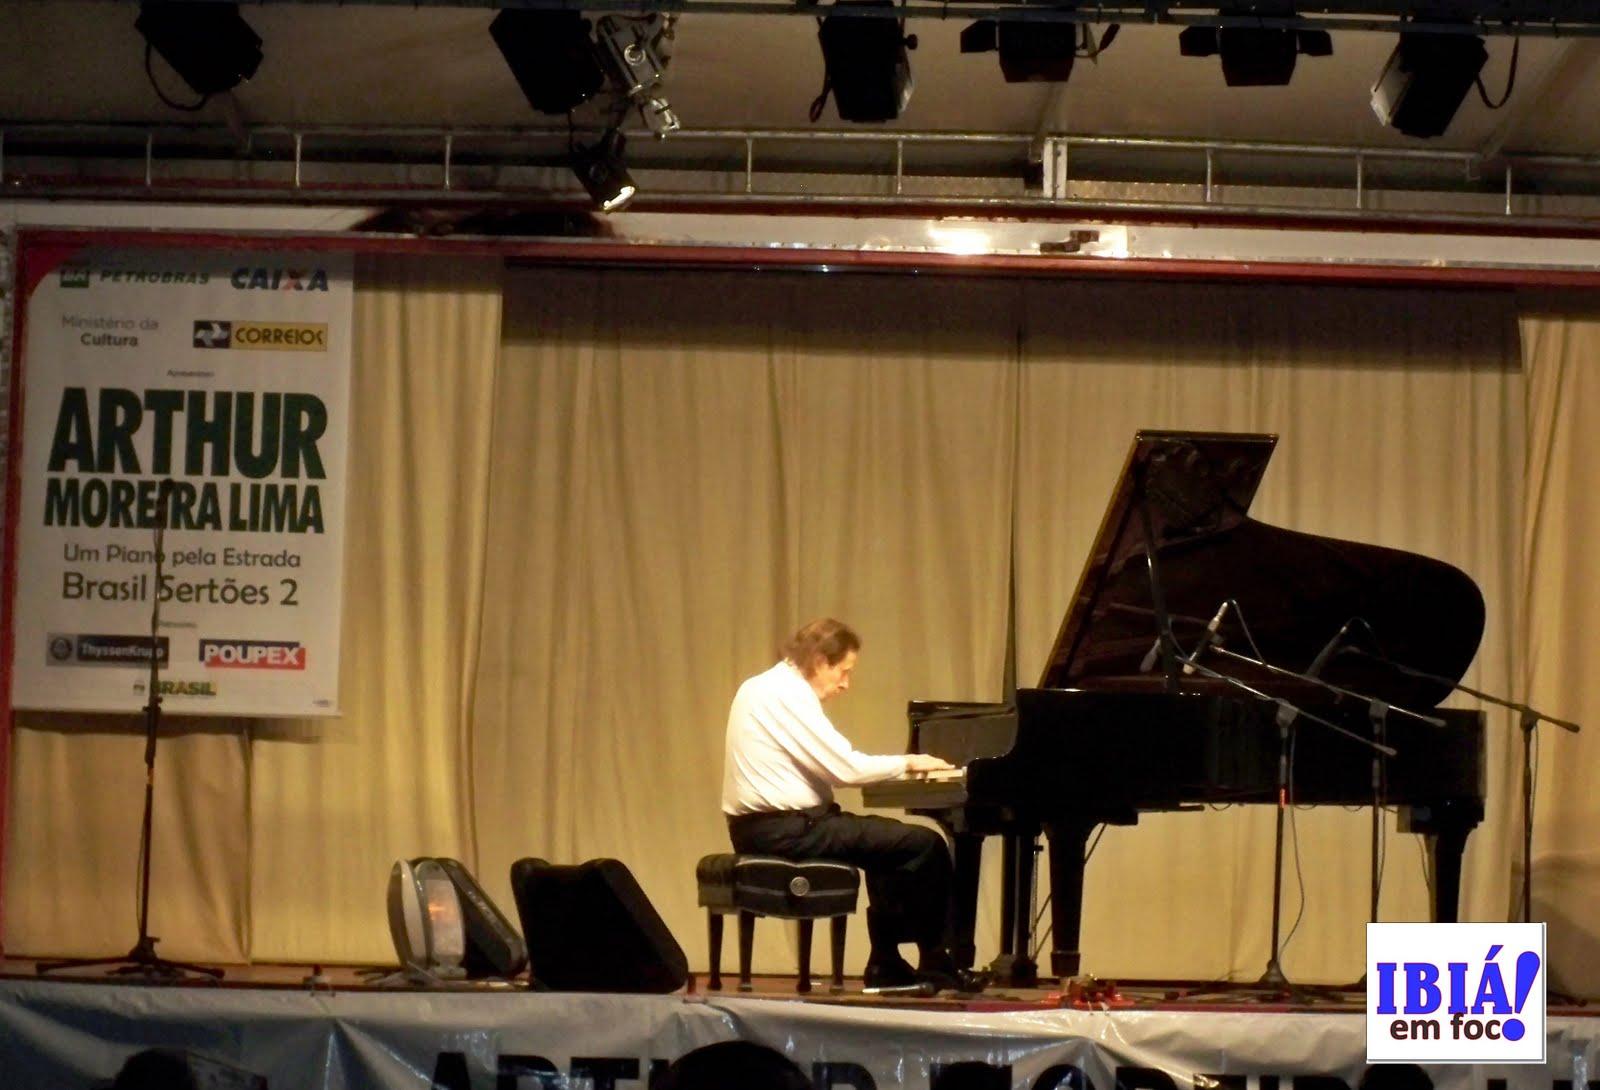 Arthur Moreira Lima e seu afiadíssimo piano. Noite pra ficar na #120CBF 1600x1090 Banheiro Adaptado Arthur Lima